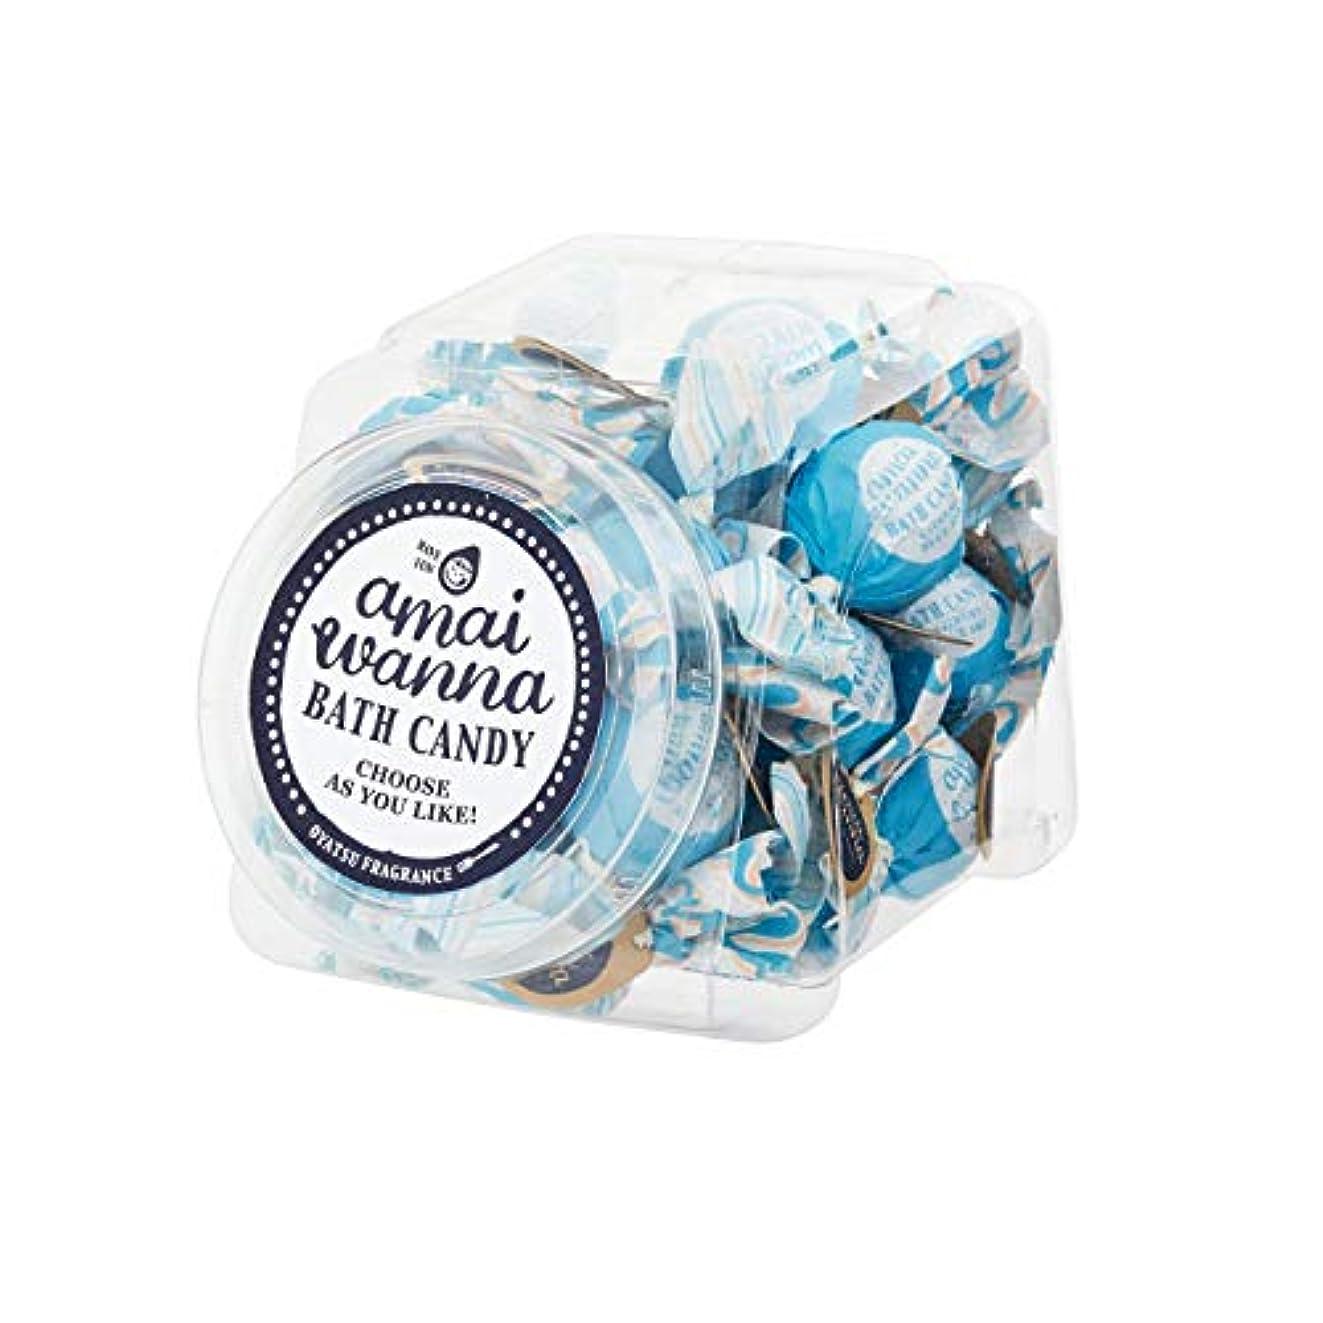 アセンブリディスパッチ打ち上げるアマイワナSP バスキャンディーポットセット24粒入り(青空シトラス バスギフト キャンディーの形の入浴料 大人可愛い)